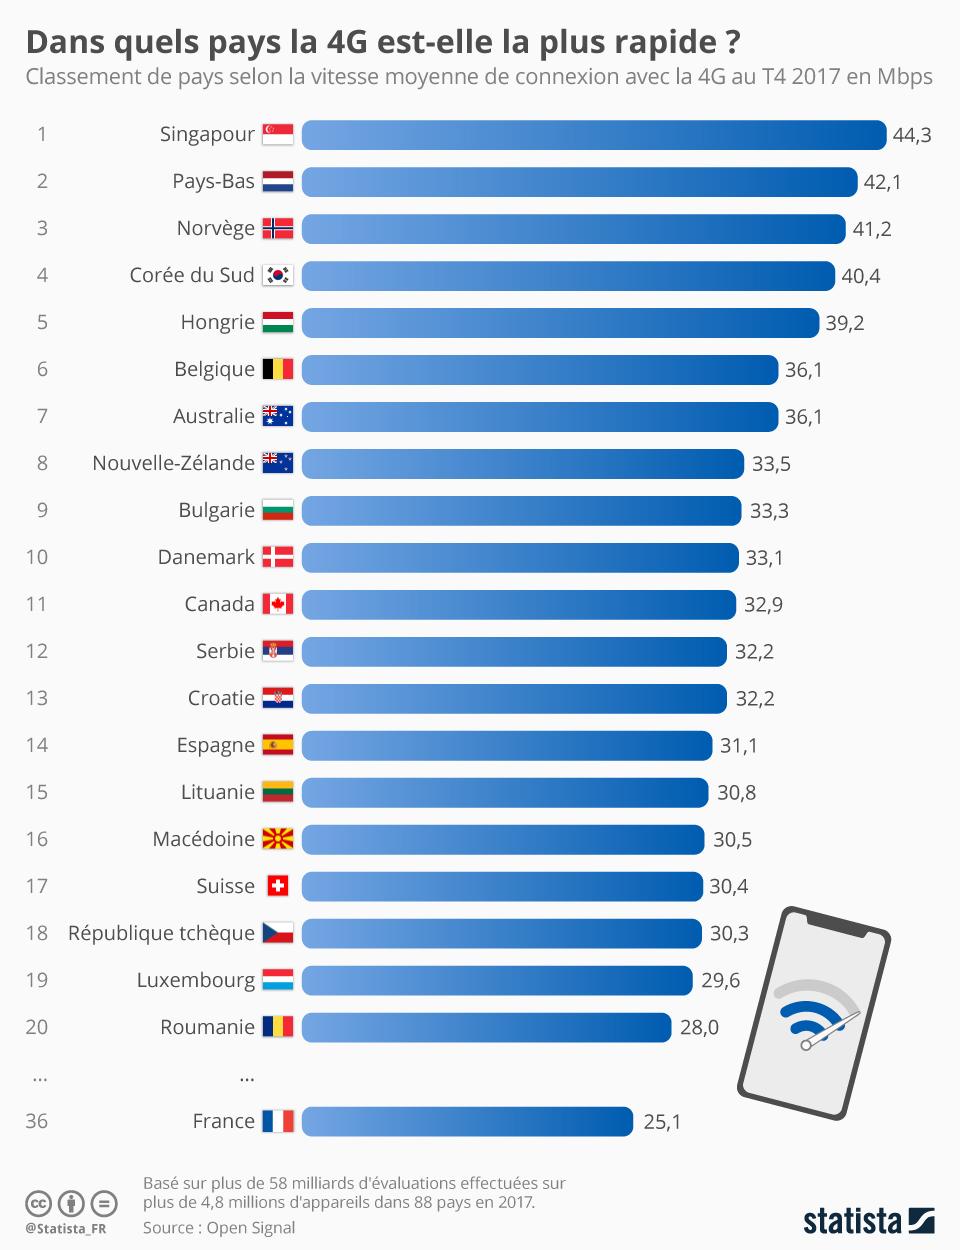 Infographie: Dans quels pays la 4G est-elle la plus rapide ?  | Statista